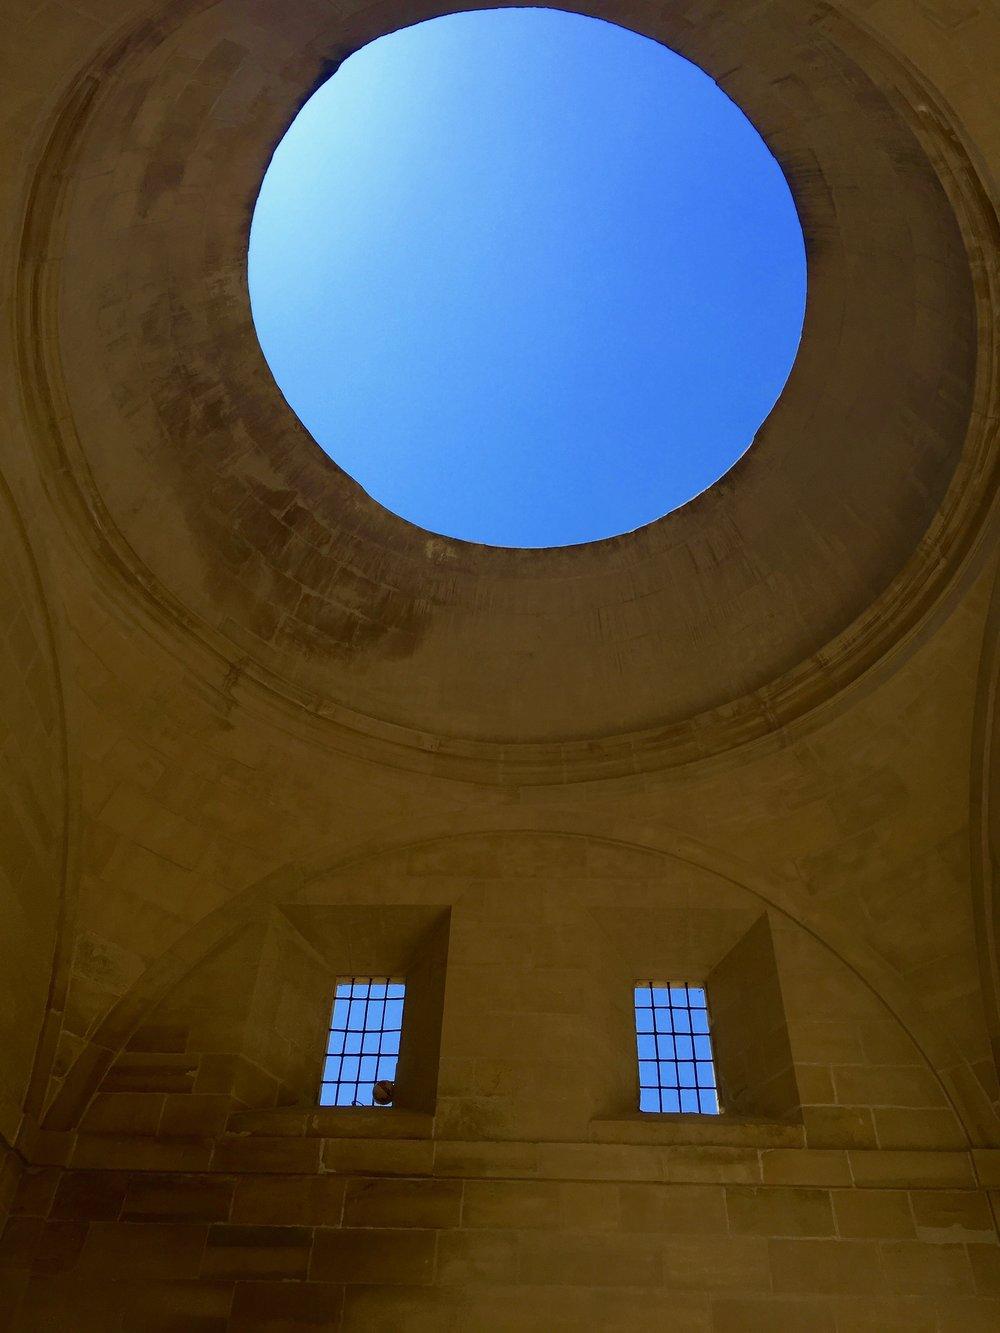 Spain Church -Blue Circle